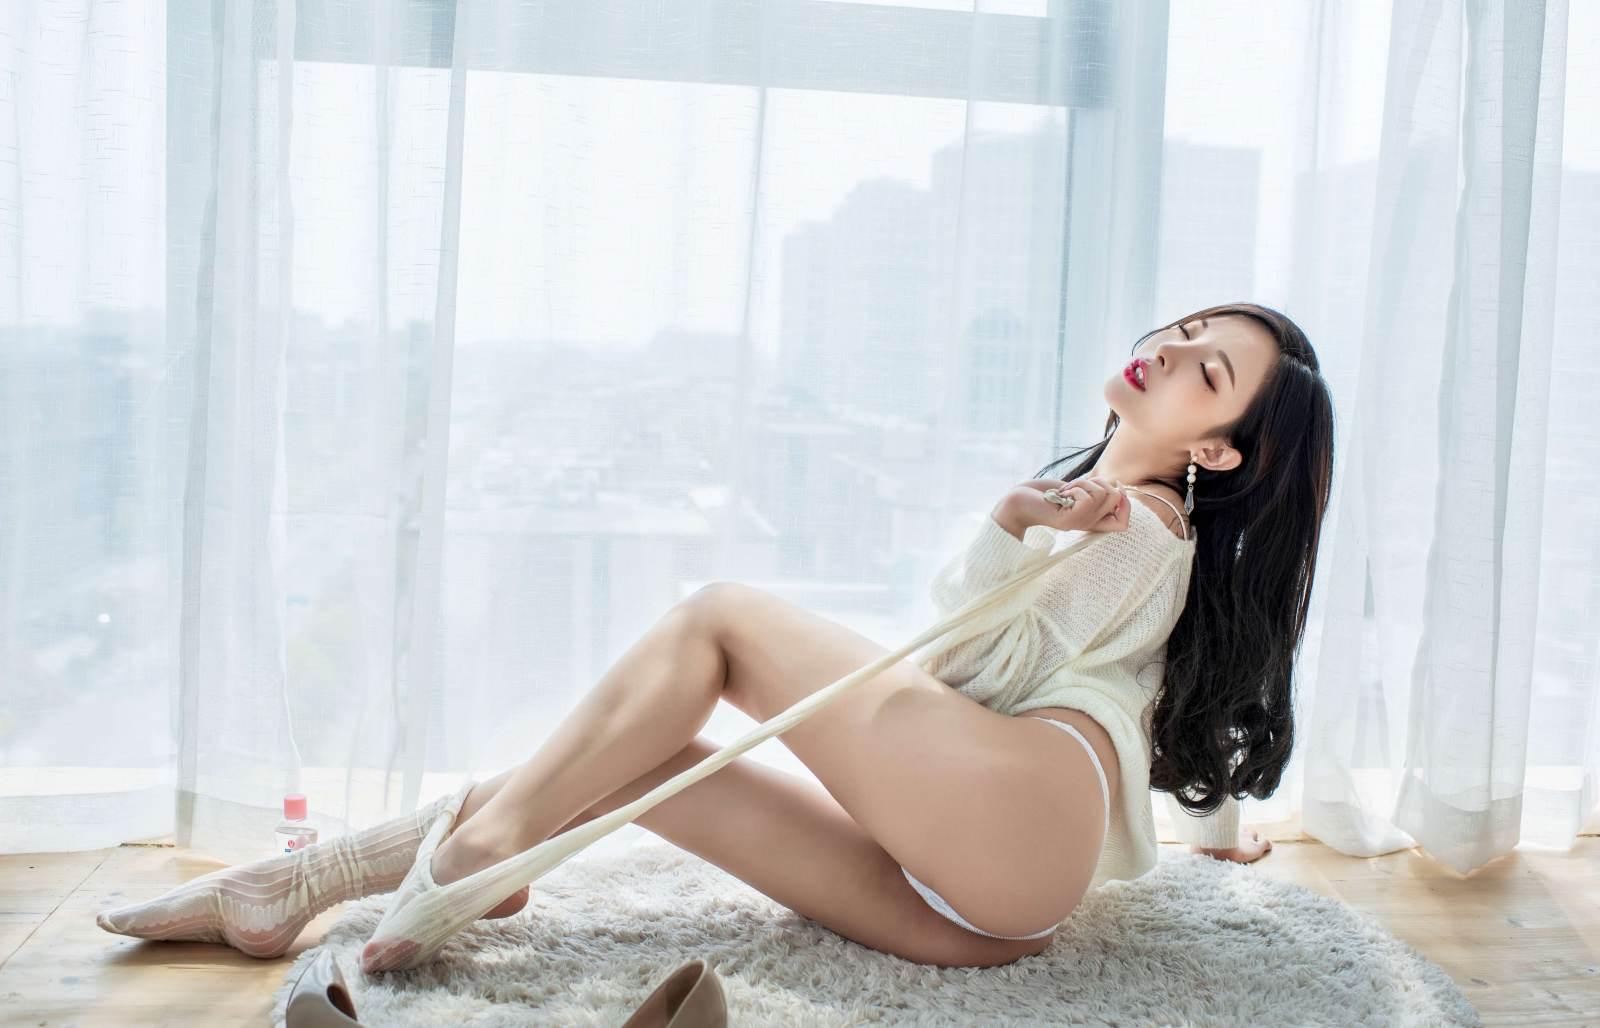 第168期刚失恋的小姐姐陈小喵(丝袜,高跟)_图片5